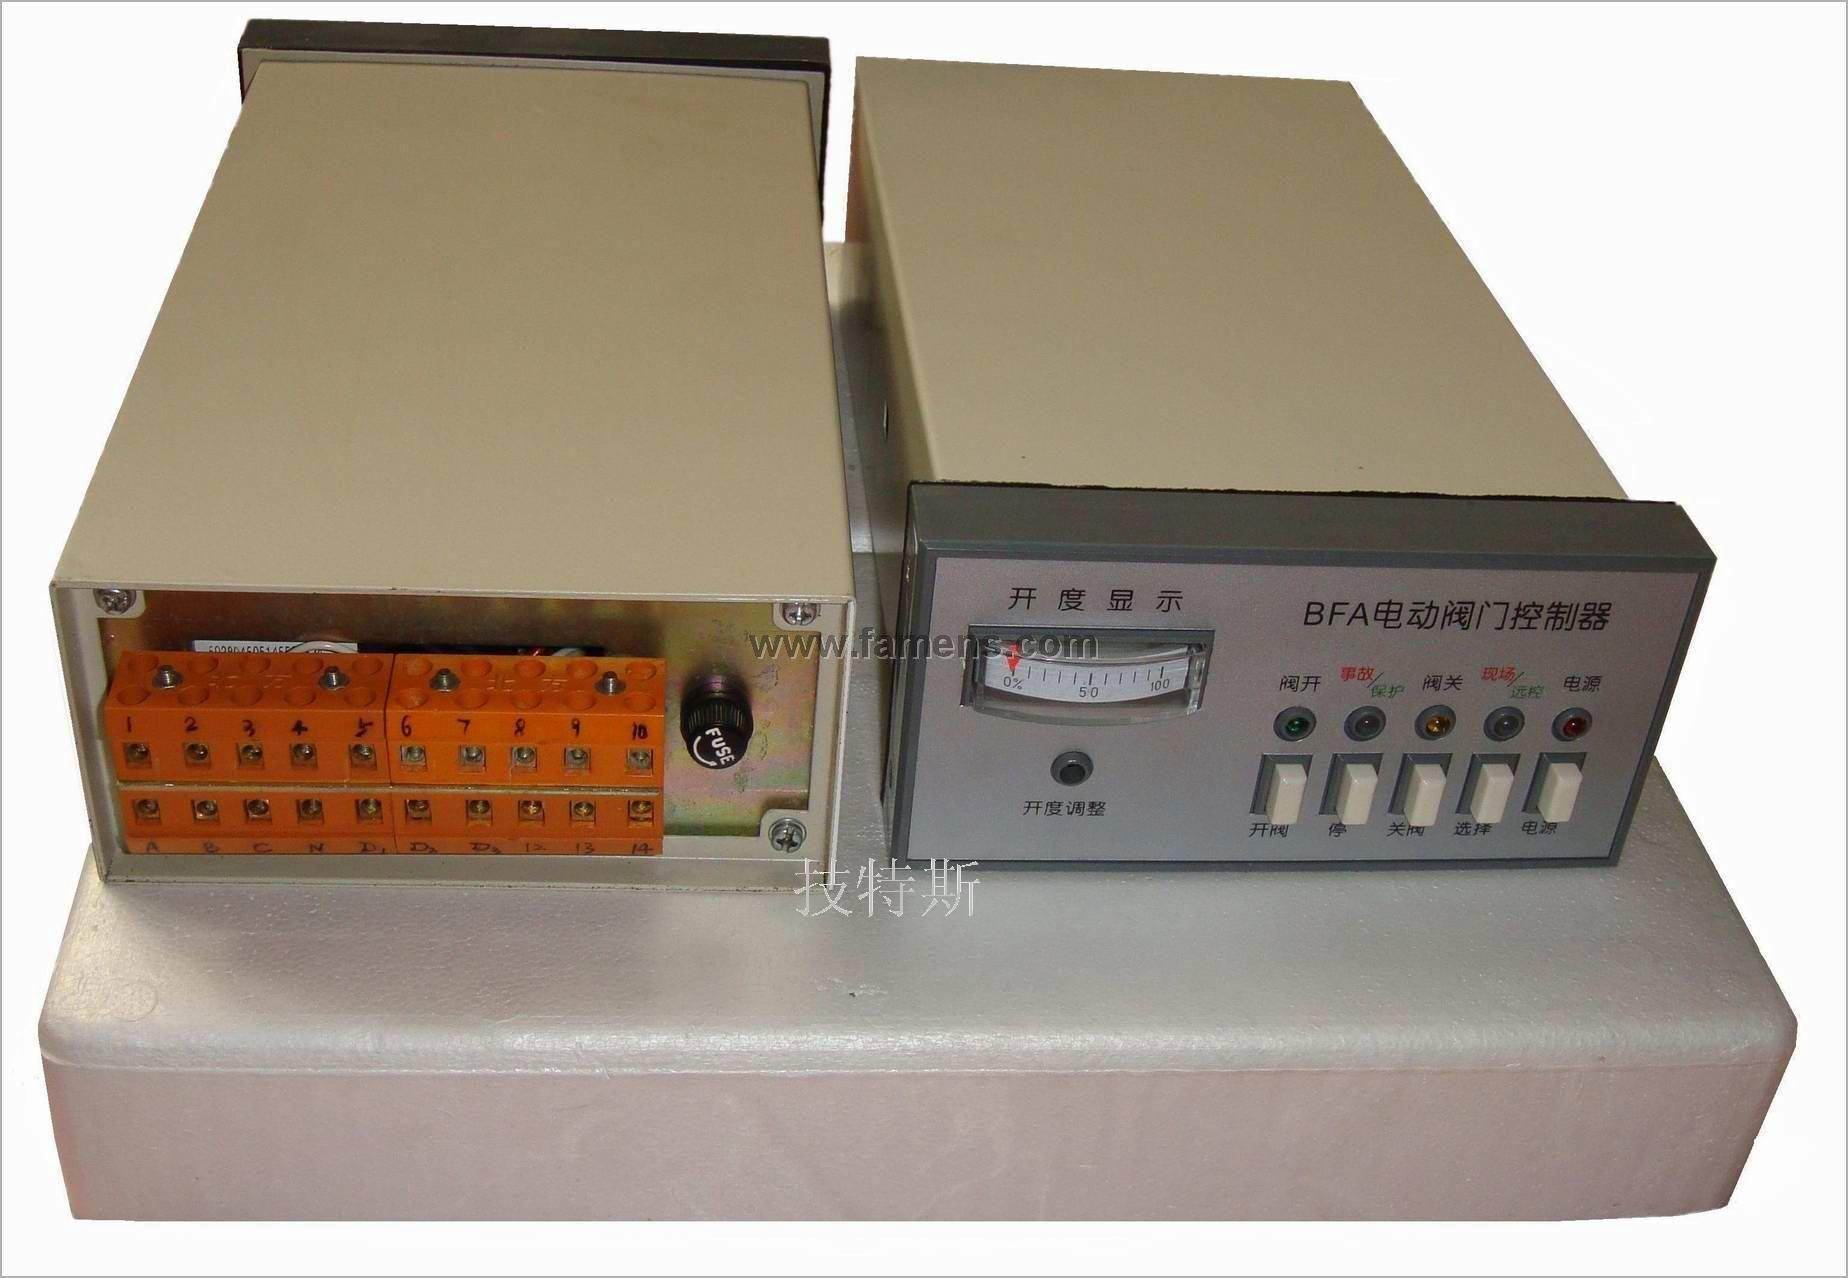 bfa-1,bfa-2电动阀门控制器专业生产批发厂家